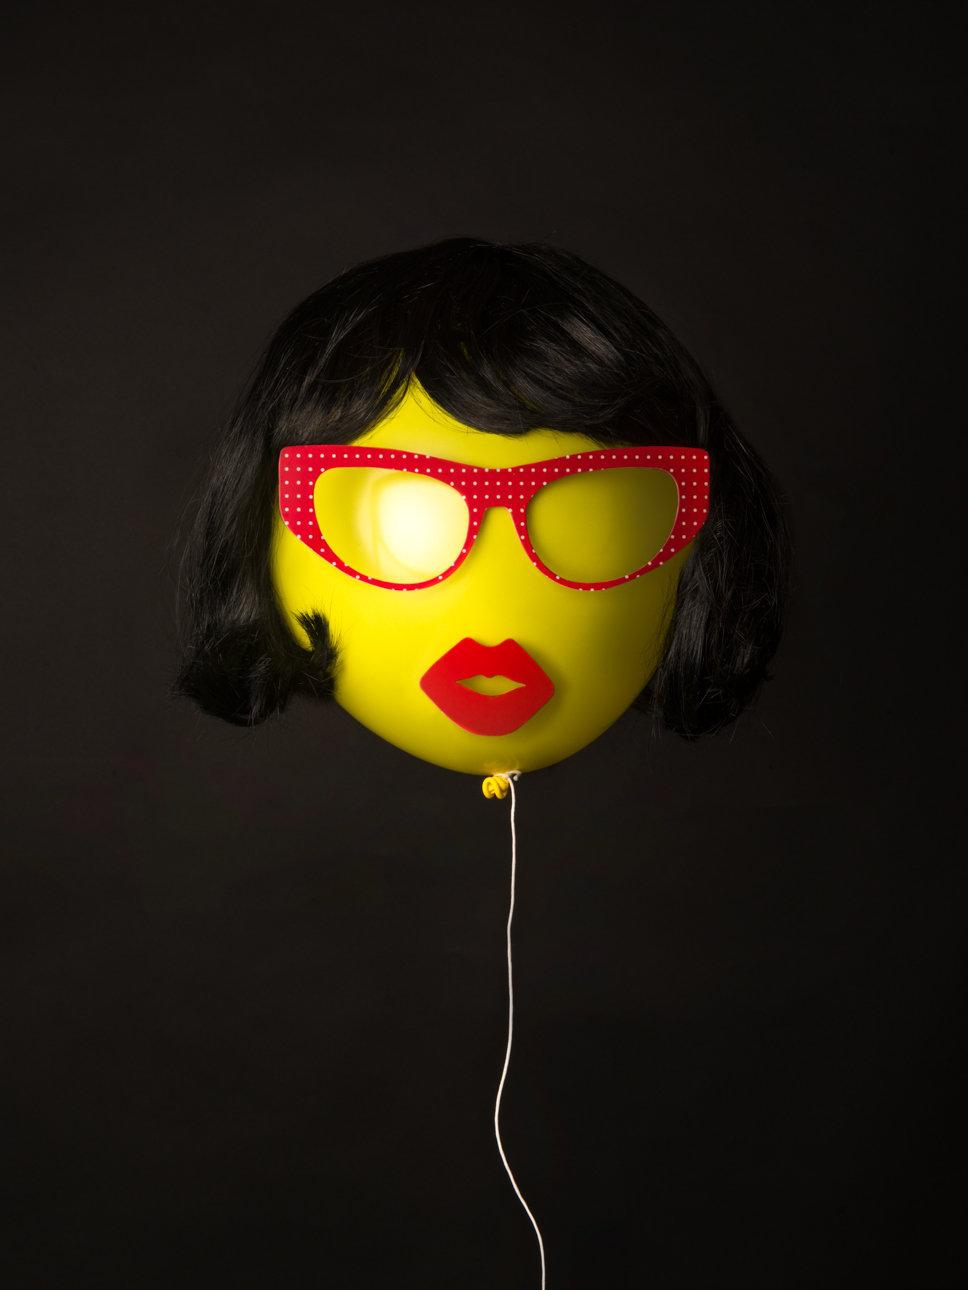 Patrick-Rivera-photographer-still-life-balloonies (4 of 6).jpg